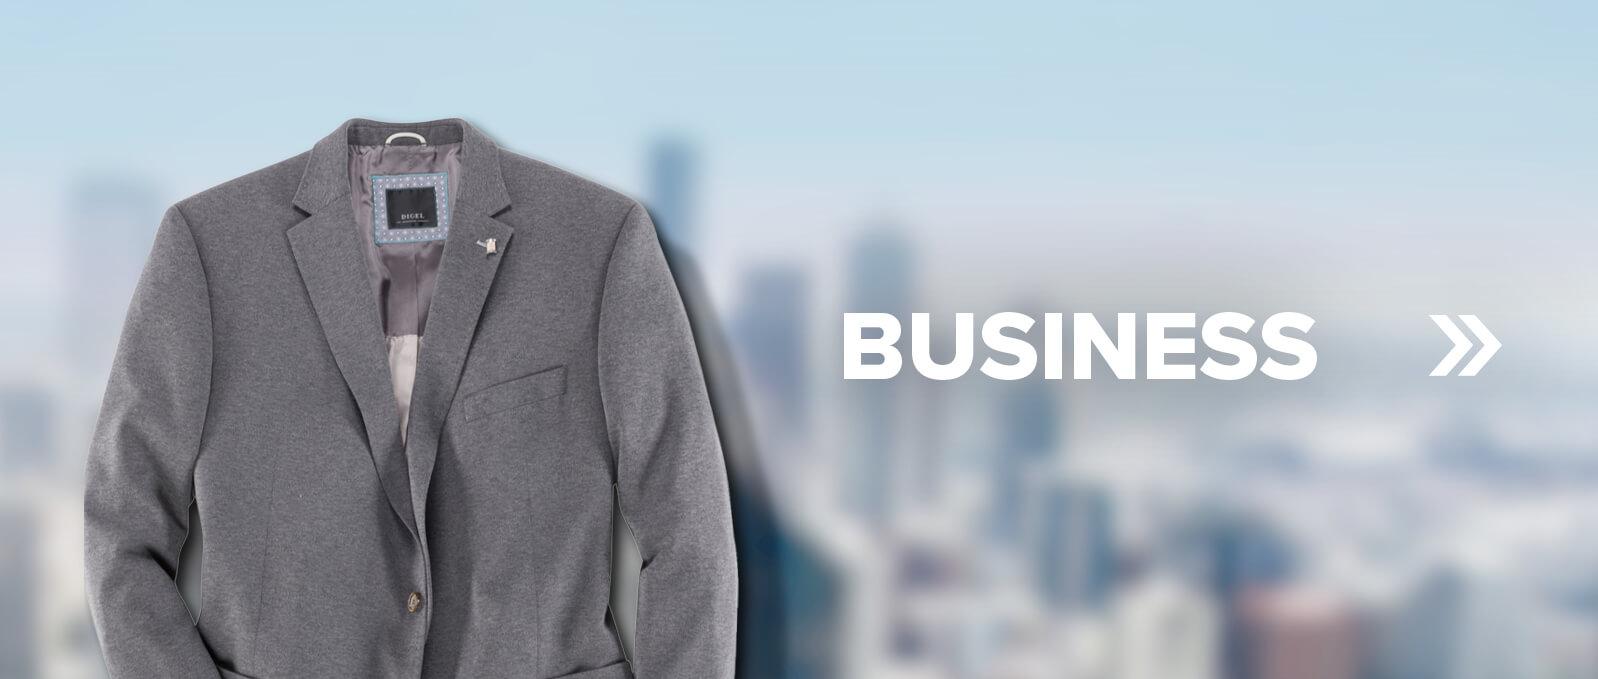 Schaltfläche für die Kategorie Business